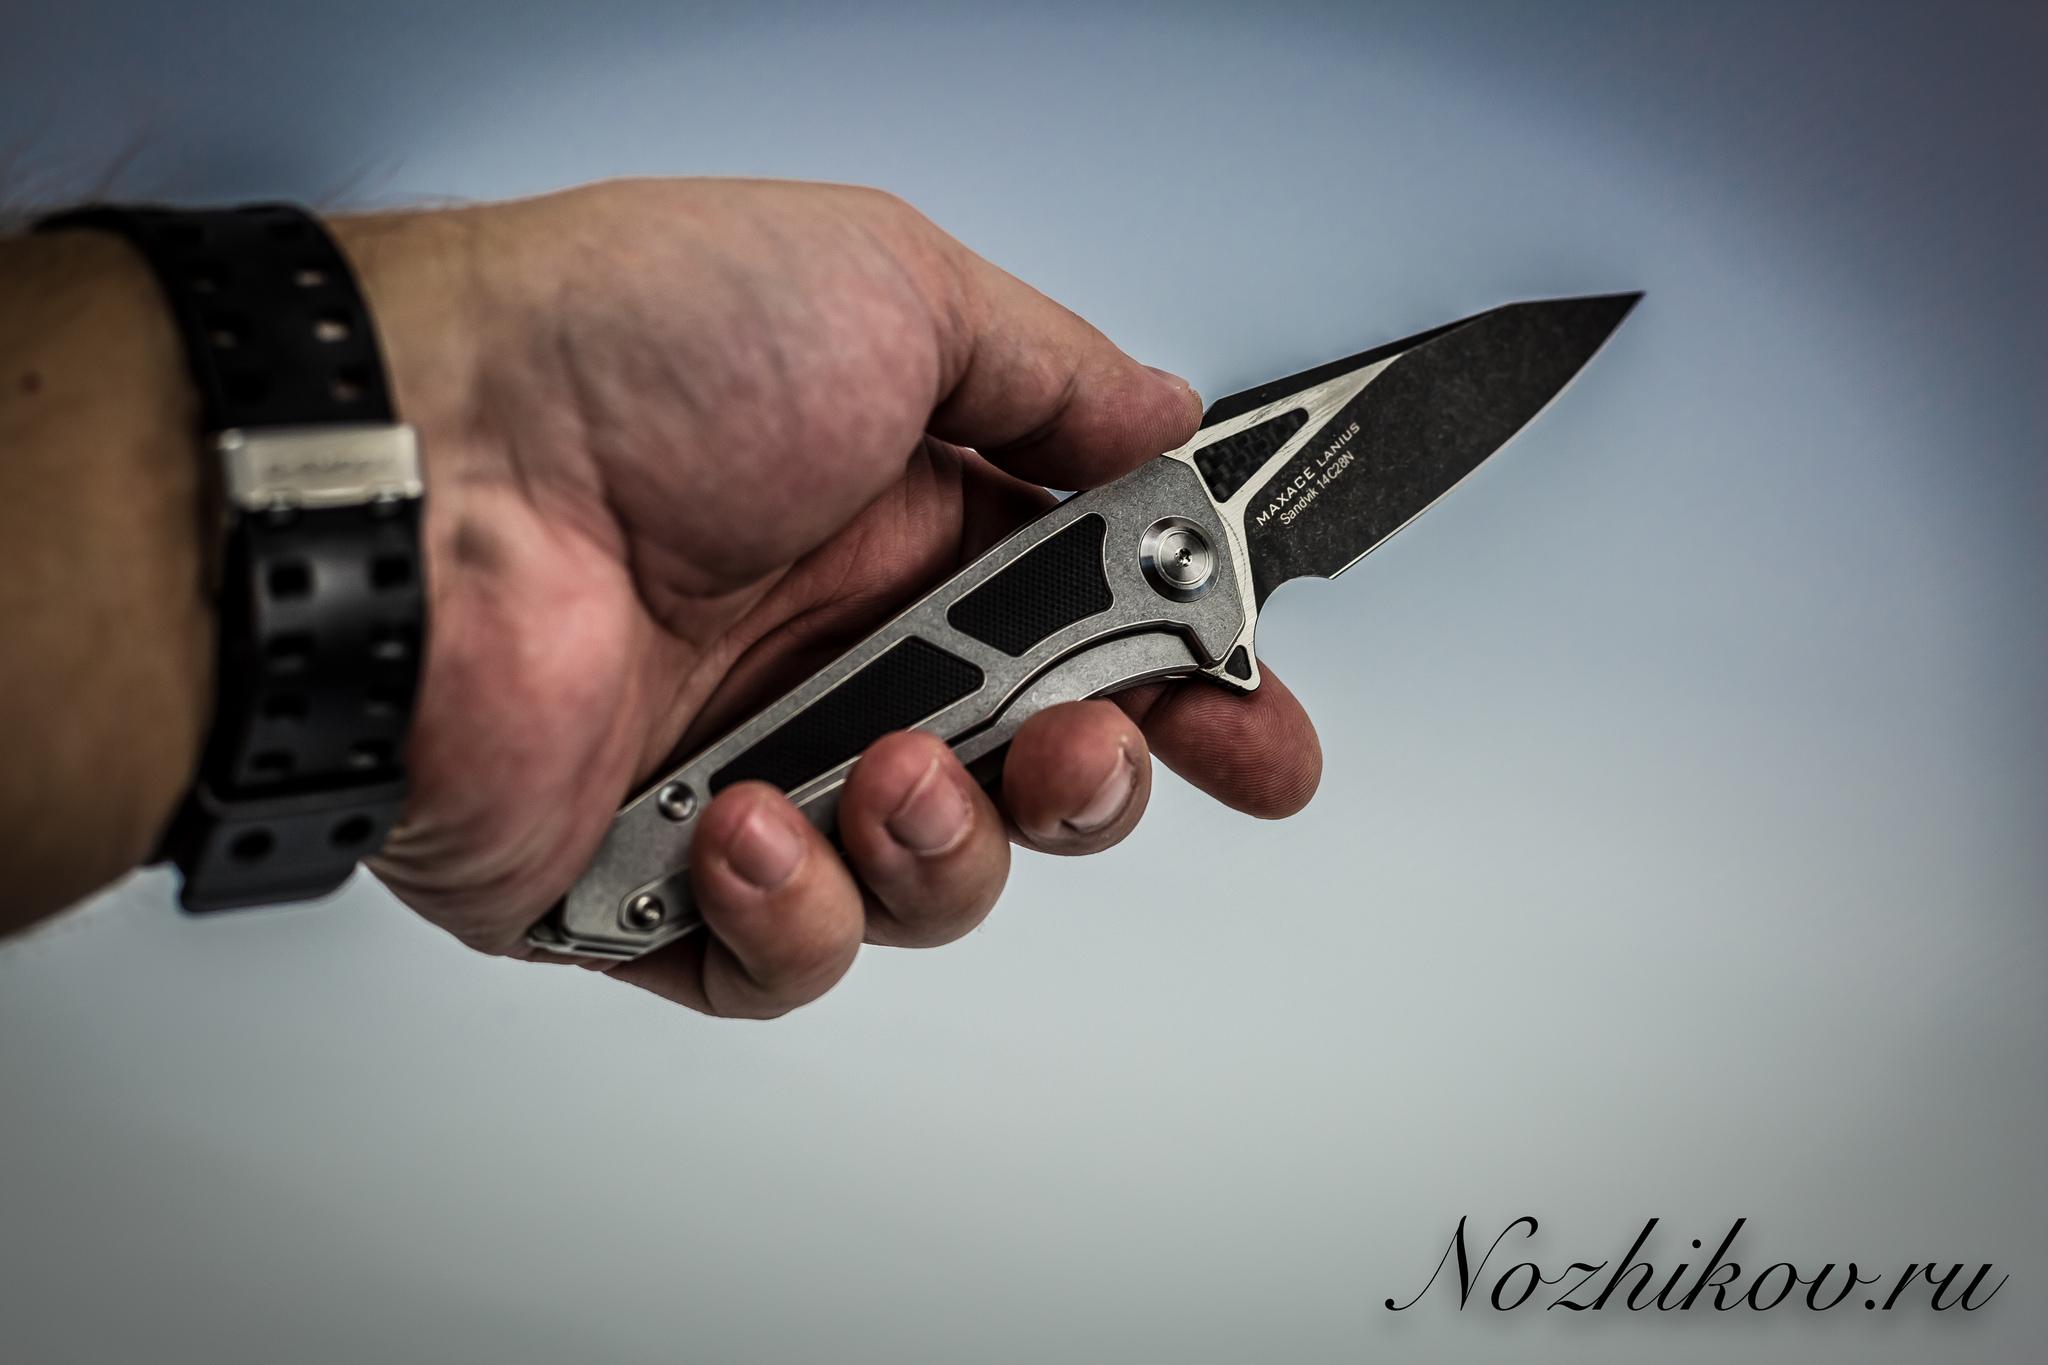 Складной нож Maxace Lanius Camo, сталь 14C28N